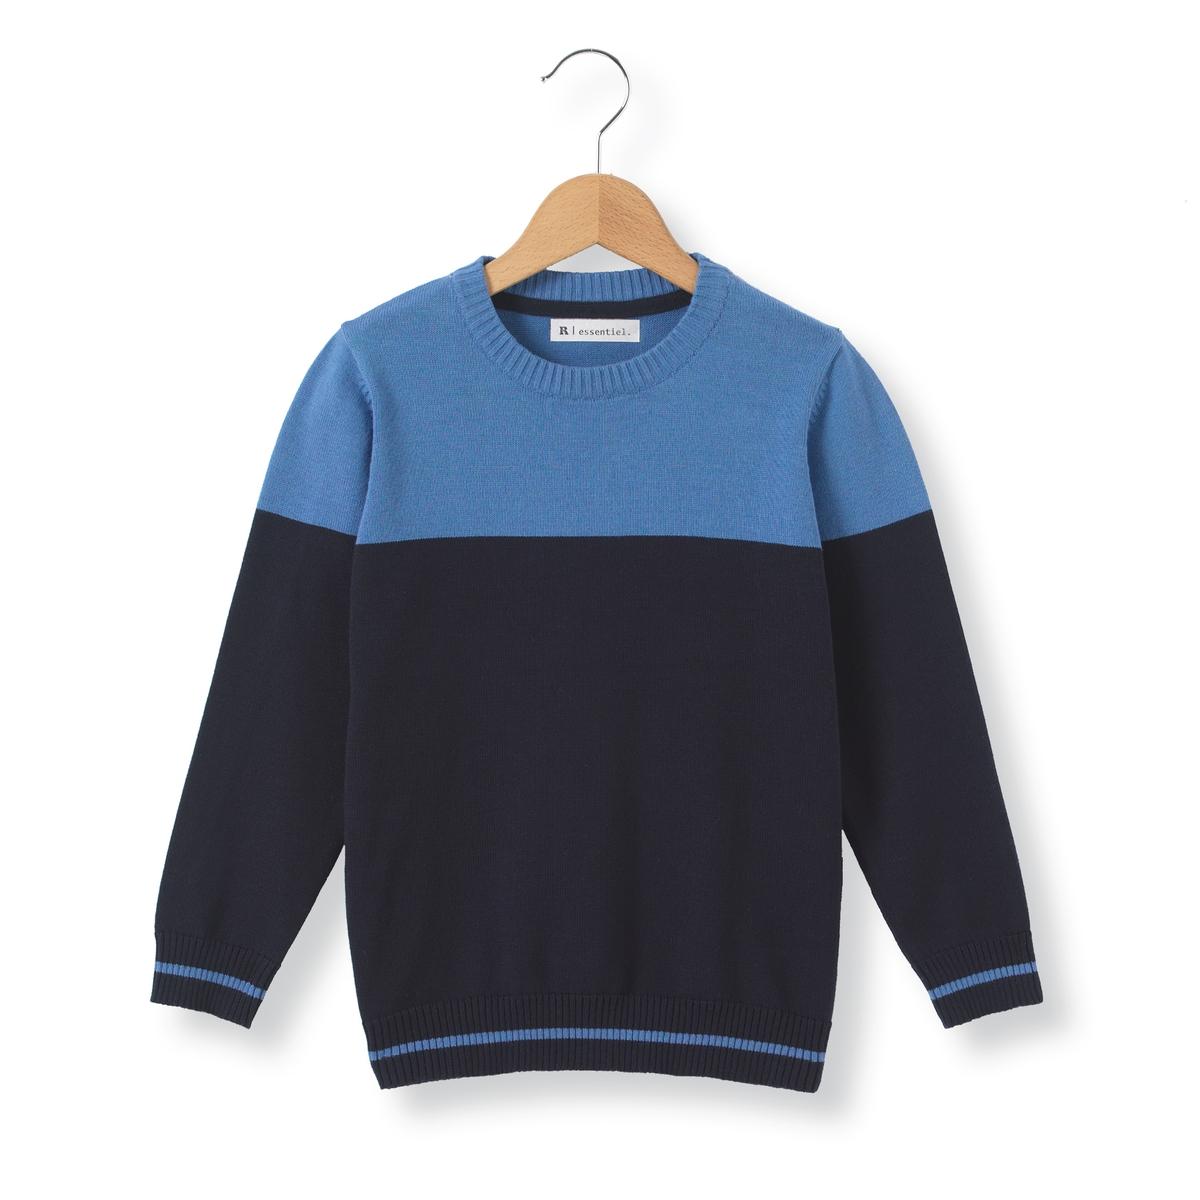 Пуловер двухцветный с круглым вырезом, 3-12 лет